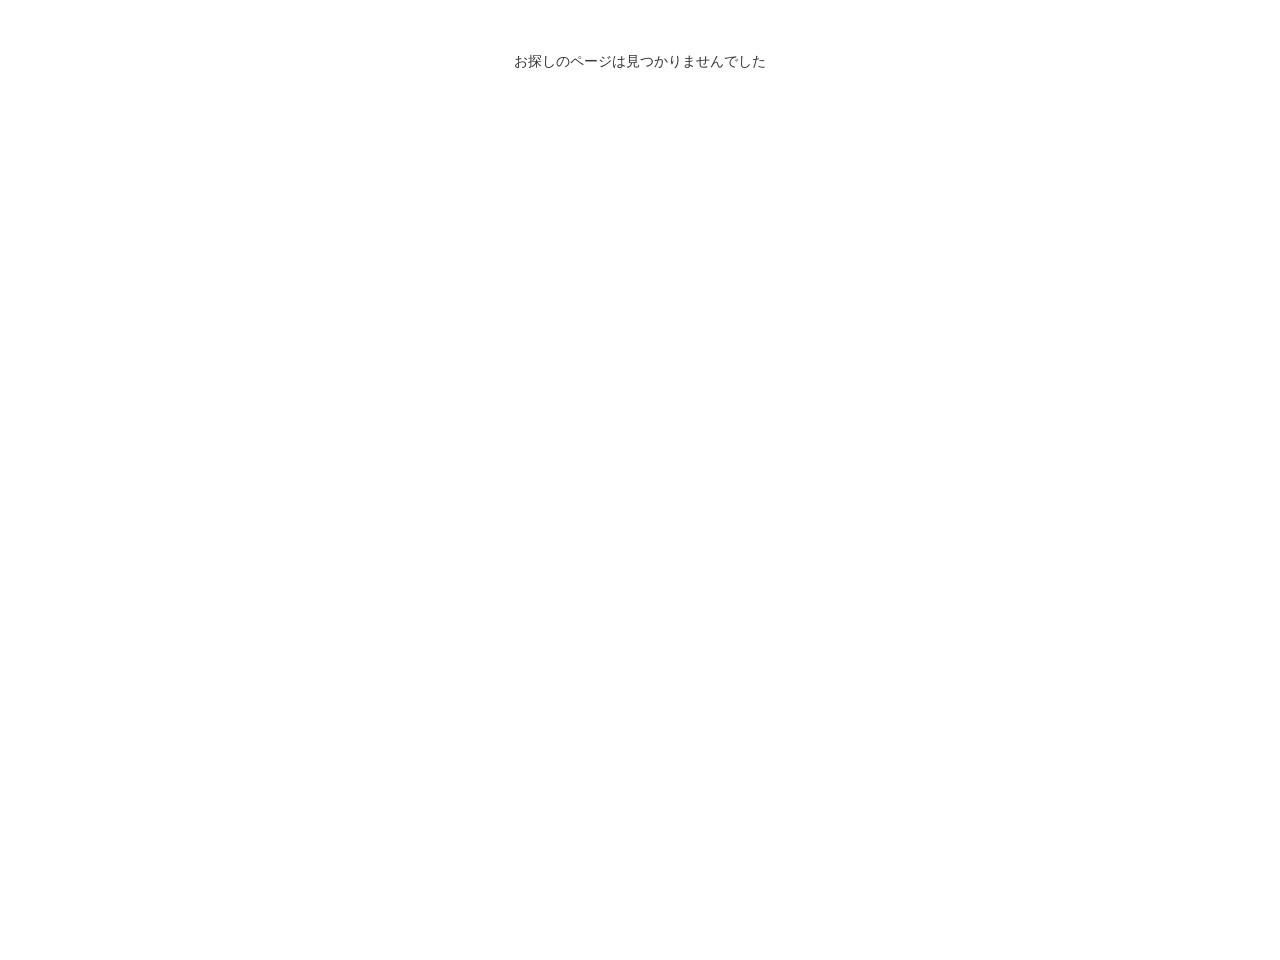 齊藤てるみピアノ教室のサムネイル